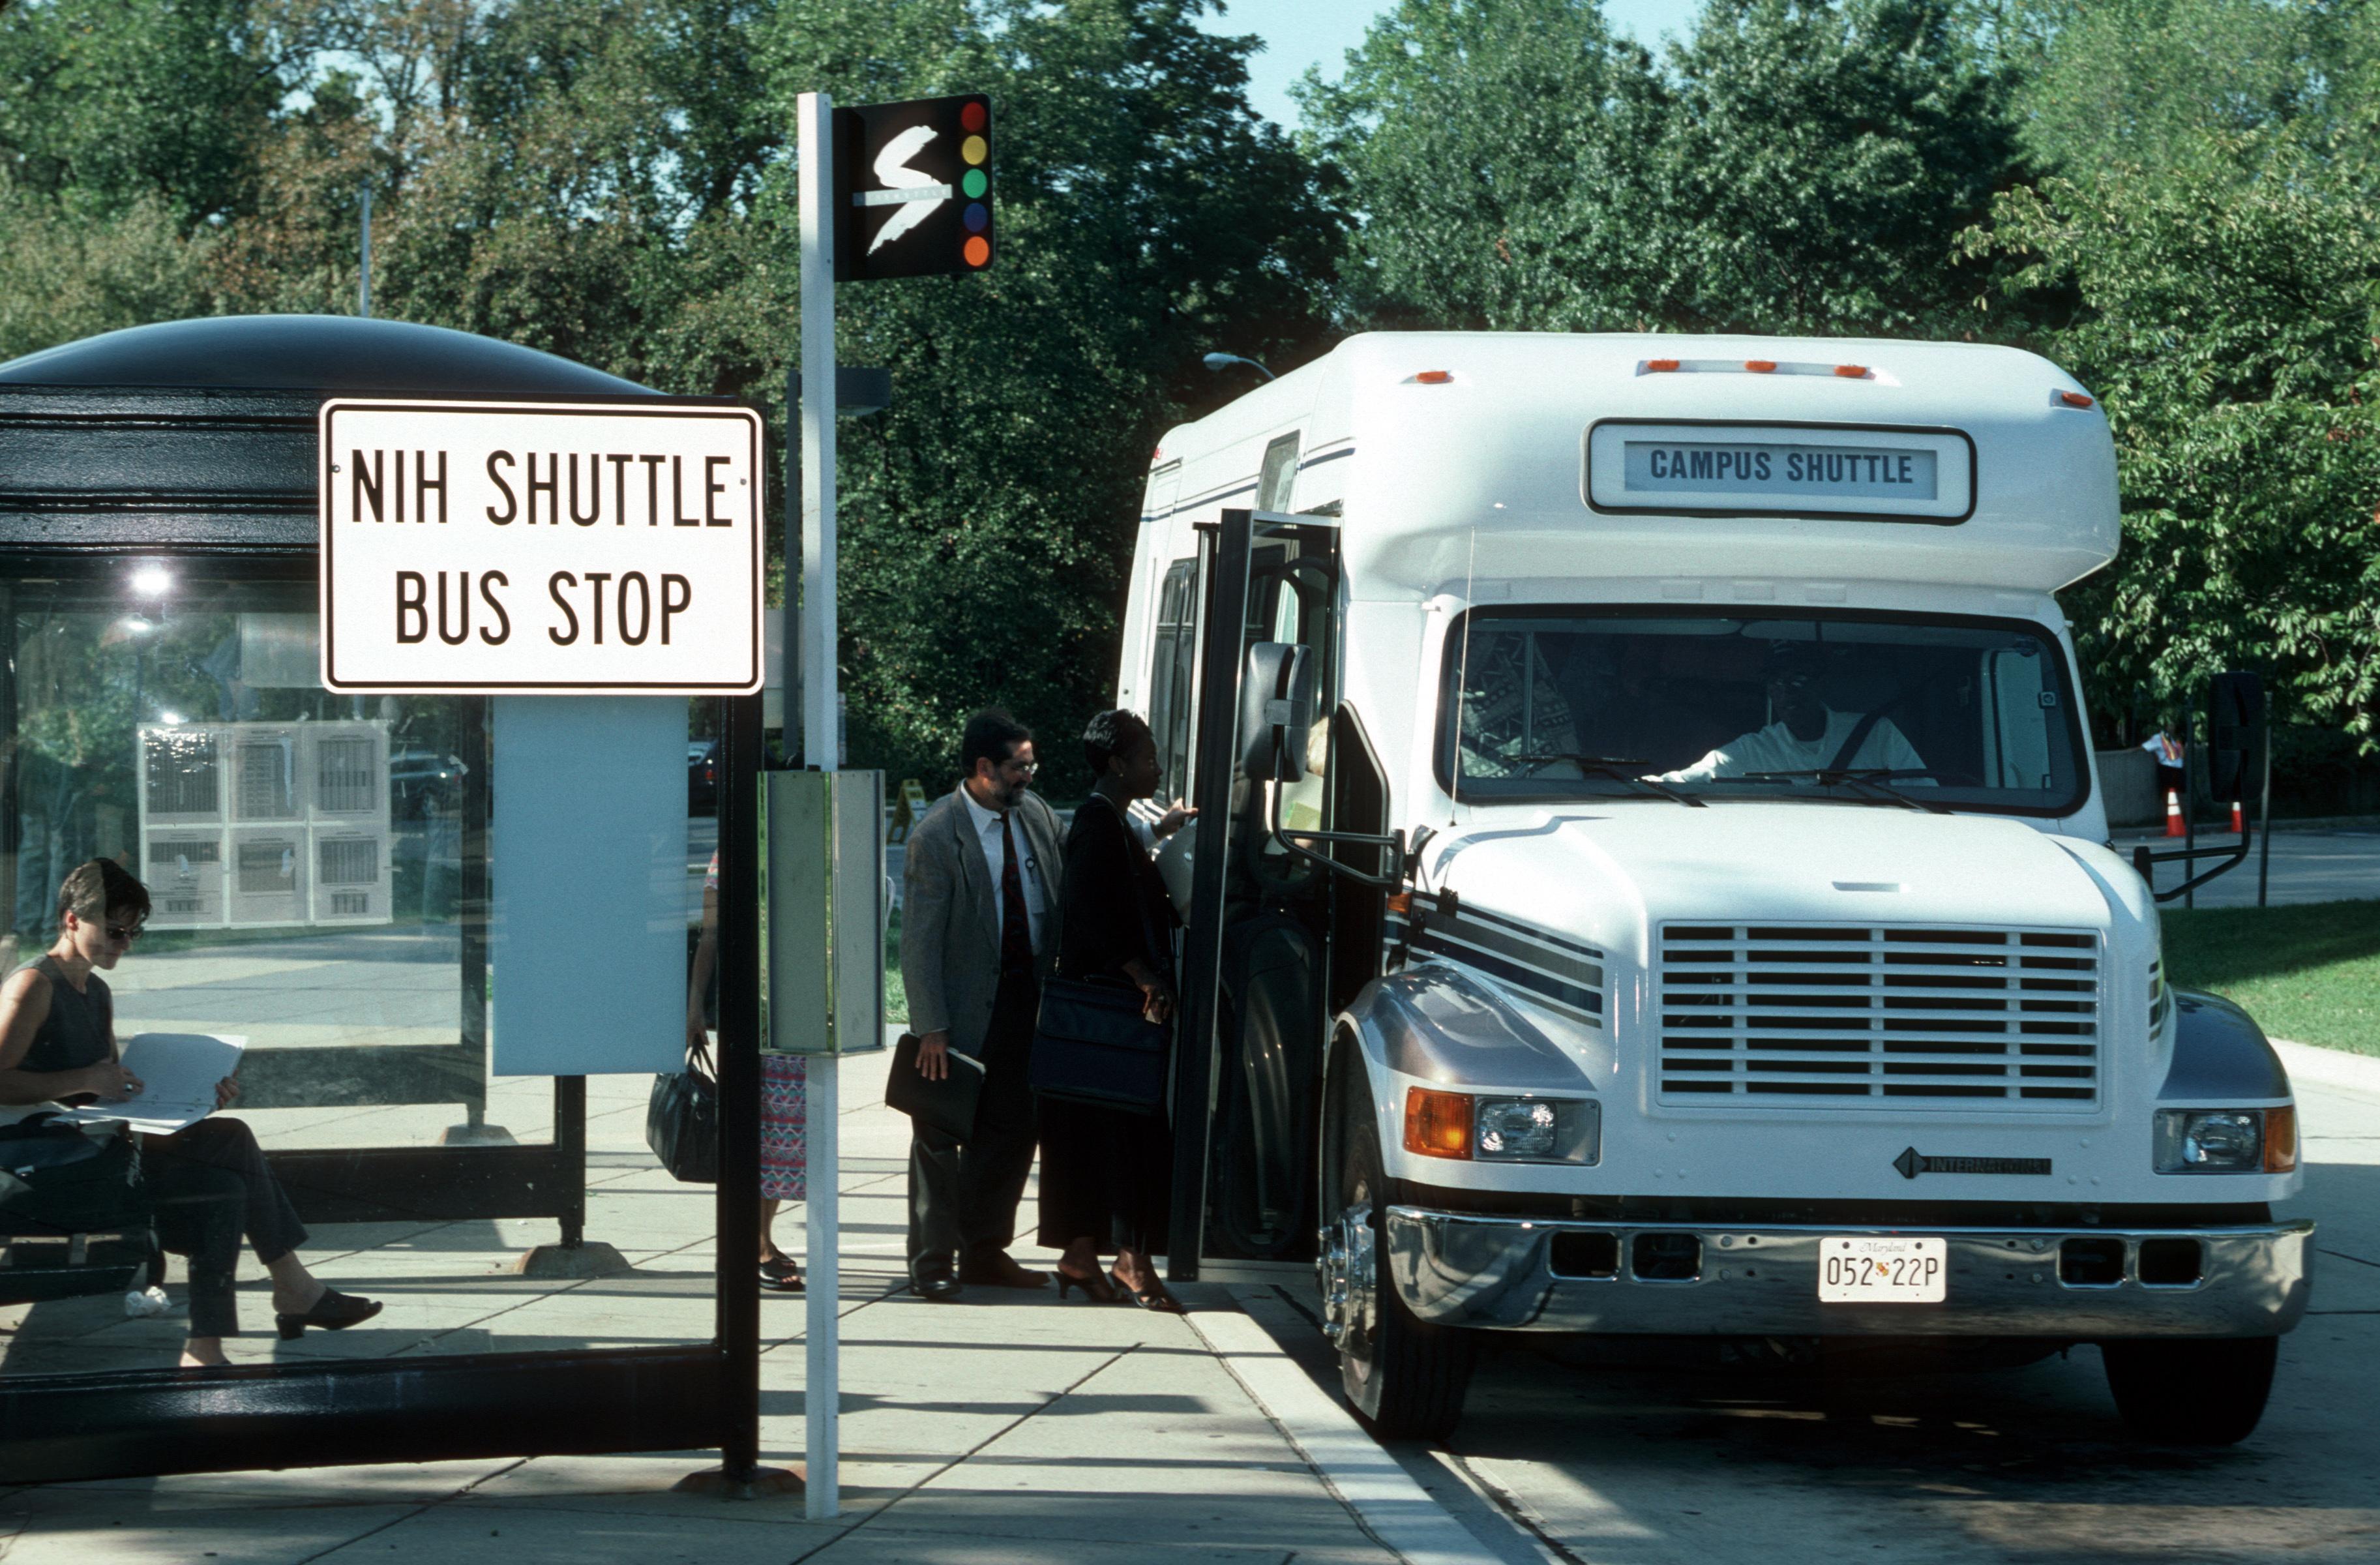 Nih_shuttle_stop_(1)